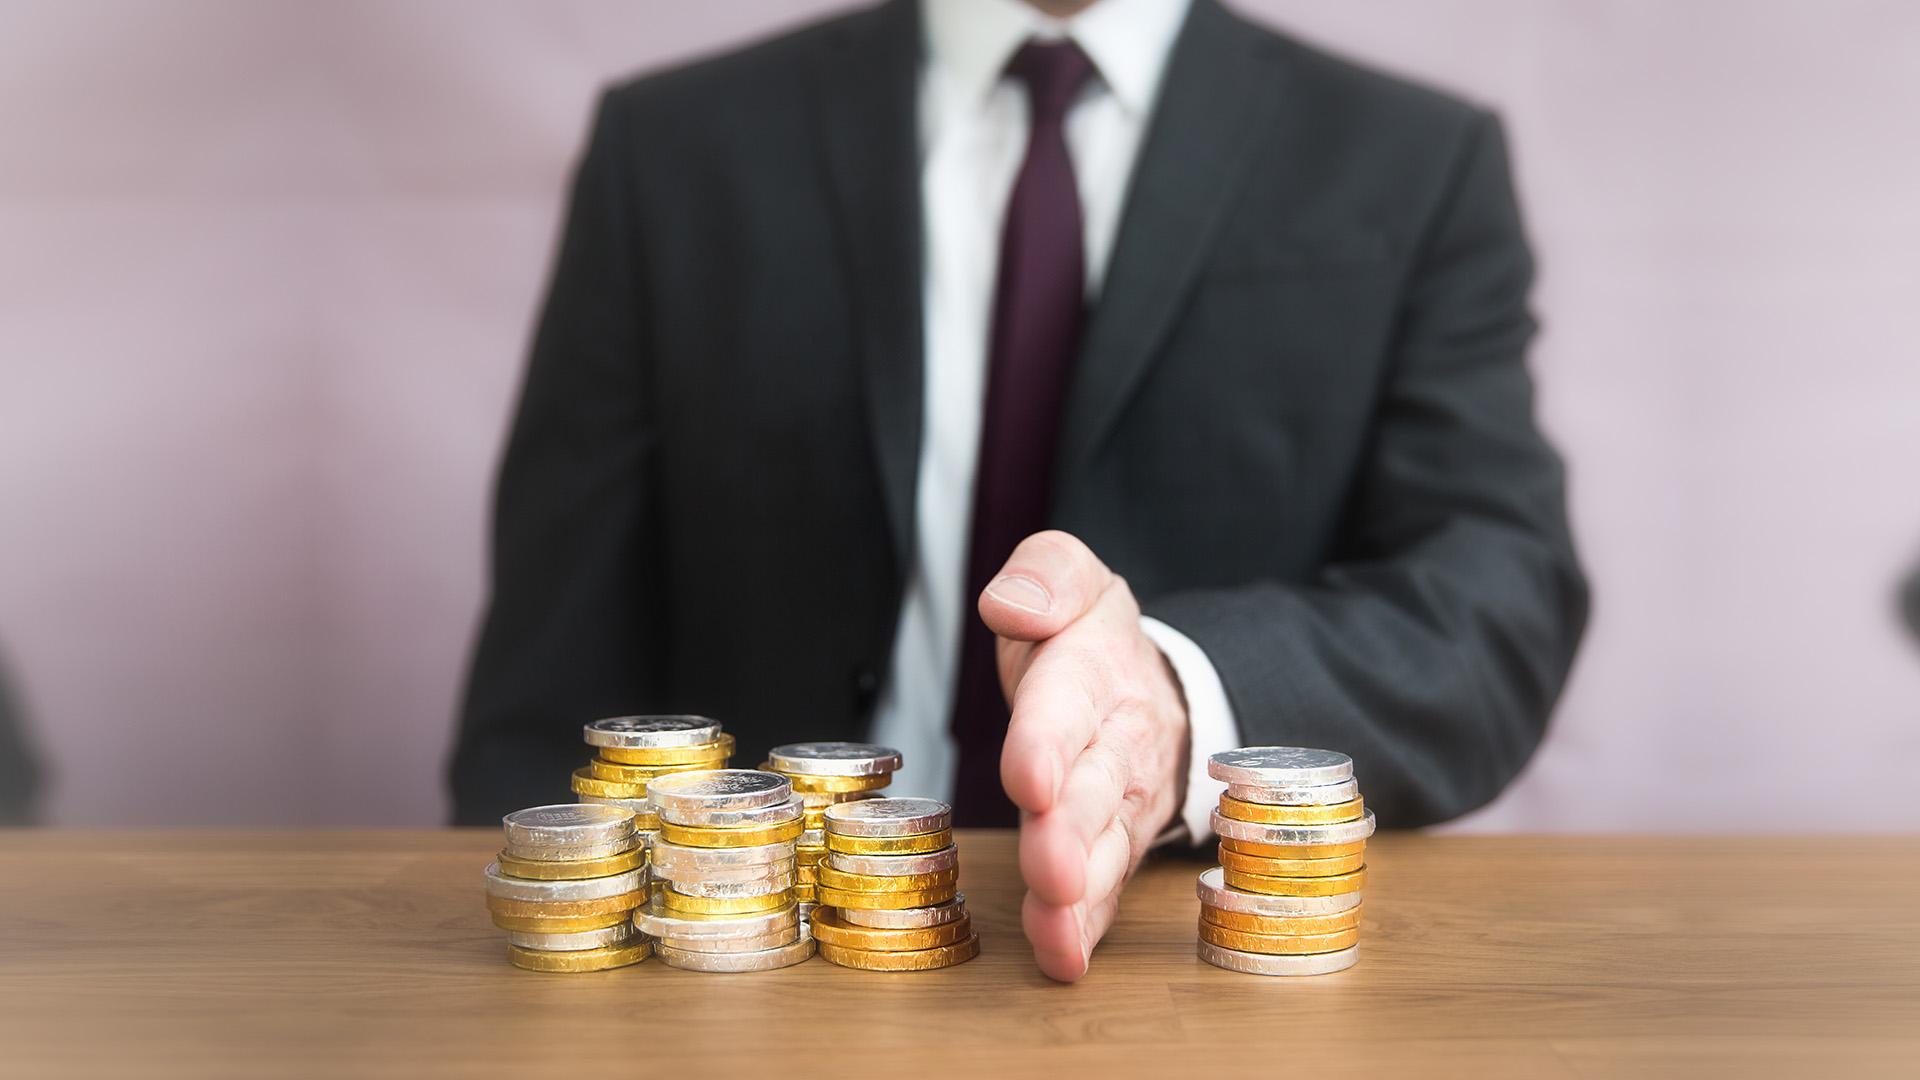 Obligāto minimālo iemaksu proporcionalitāte